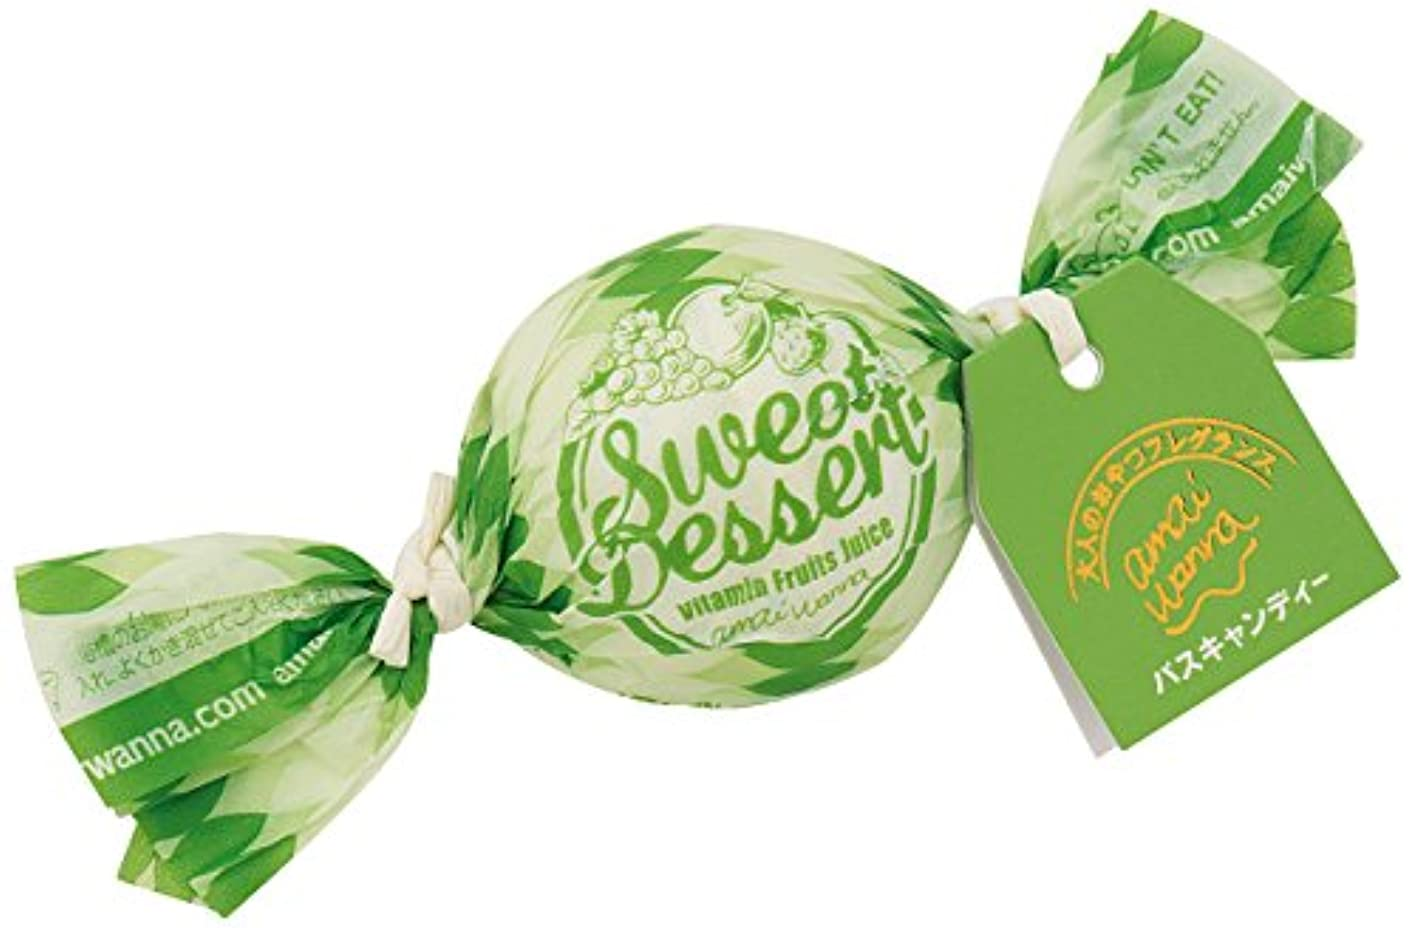 刺繍変動するくちばしアマイワナ バスキャンディー35g×12粒 ビタミンフルーツジュース(発泡タイプ入浴料 心はずむ元気なビタミンフルーツの香り)